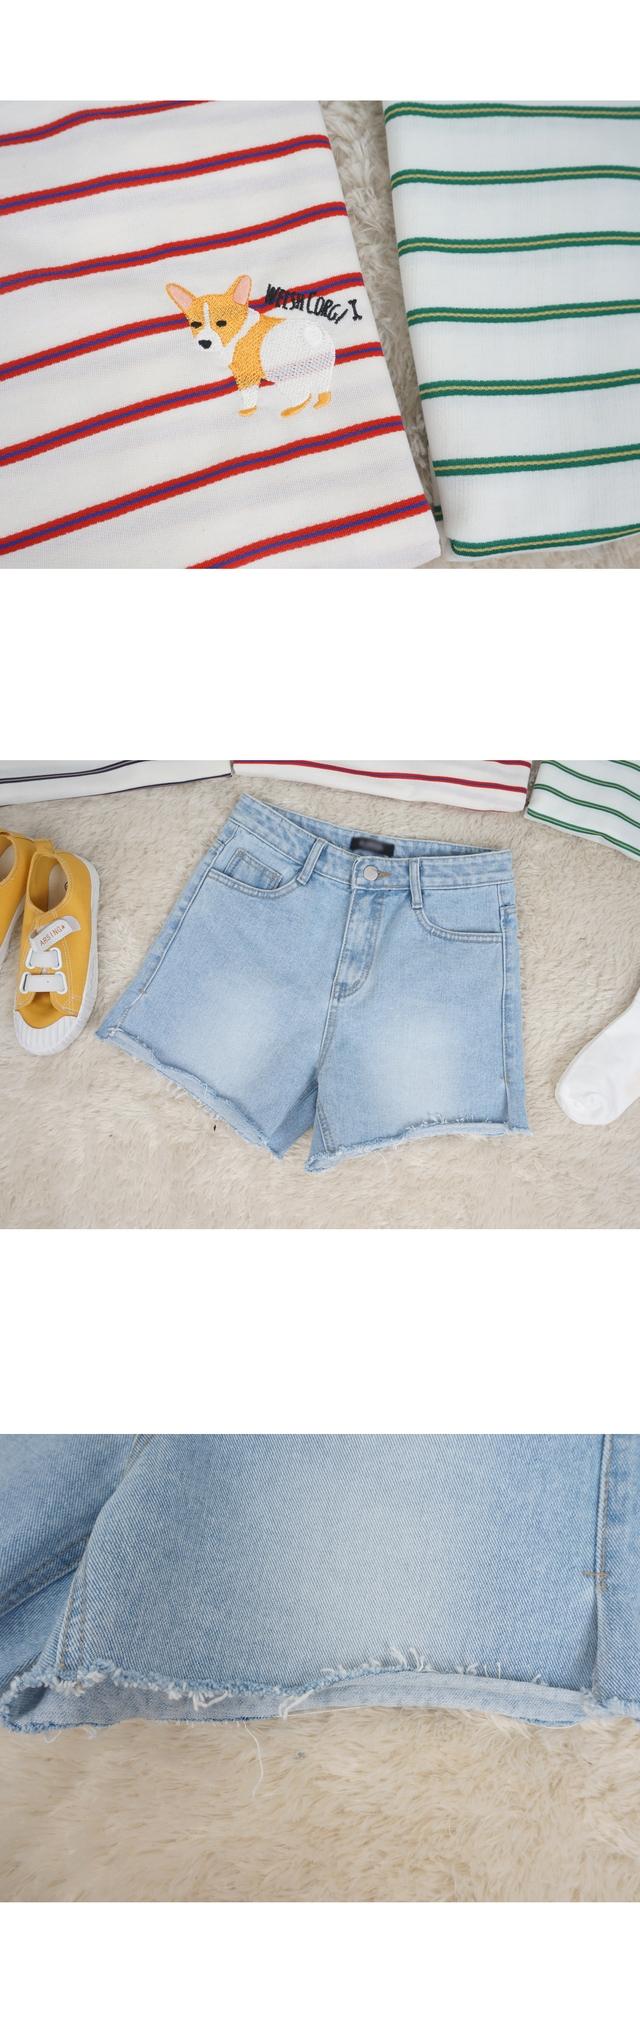 Sneakers denim shorts P